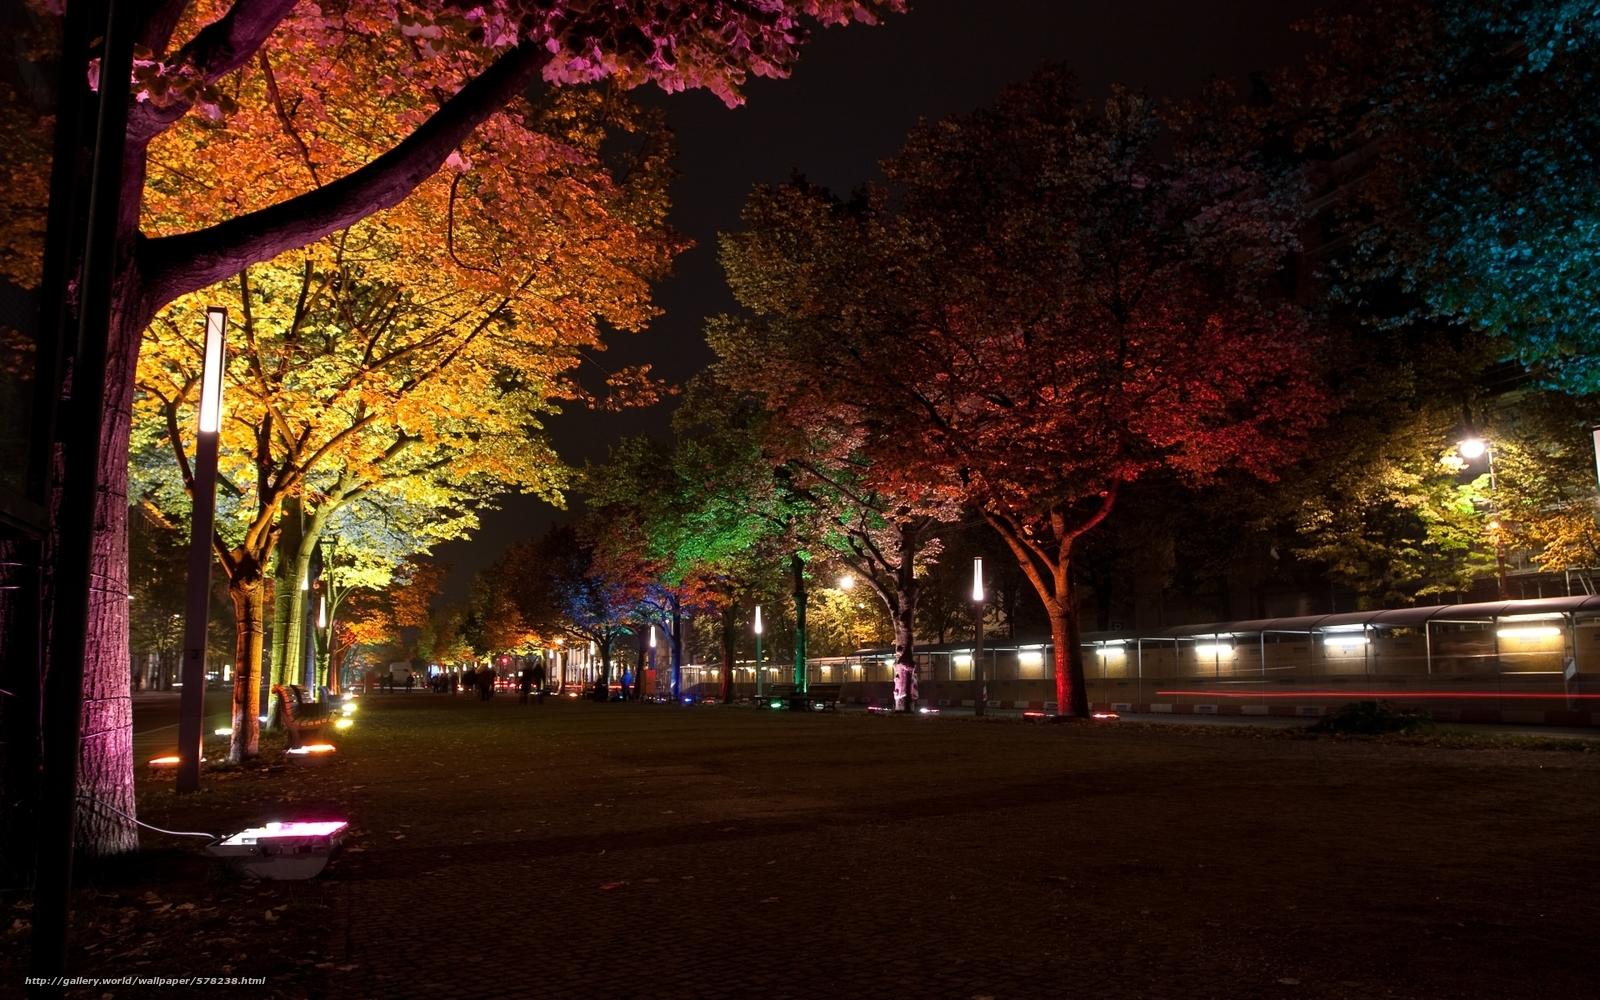 Скачать обои ``Фестиваль света``,  ночь,  освещение,  фонари бесплатно для рабочего стола в разрешении 1920x1200 — картинка №578238